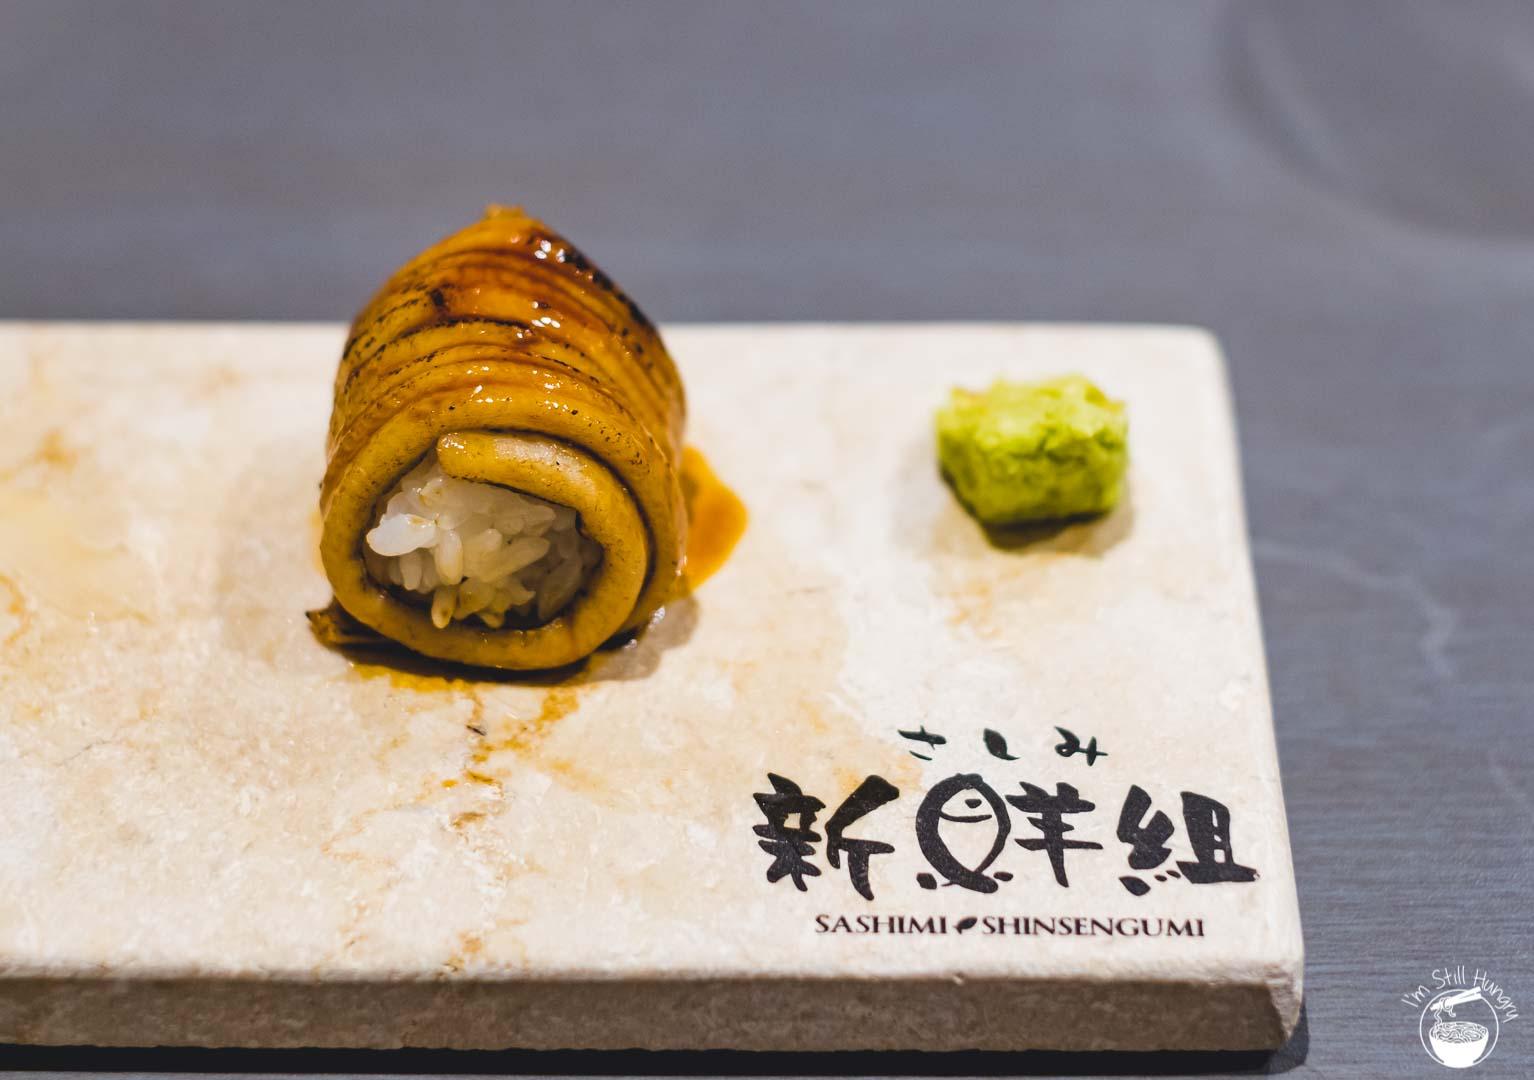 Sashimi Shinsengumi Crows Nest Sushi Omakase Conger eel